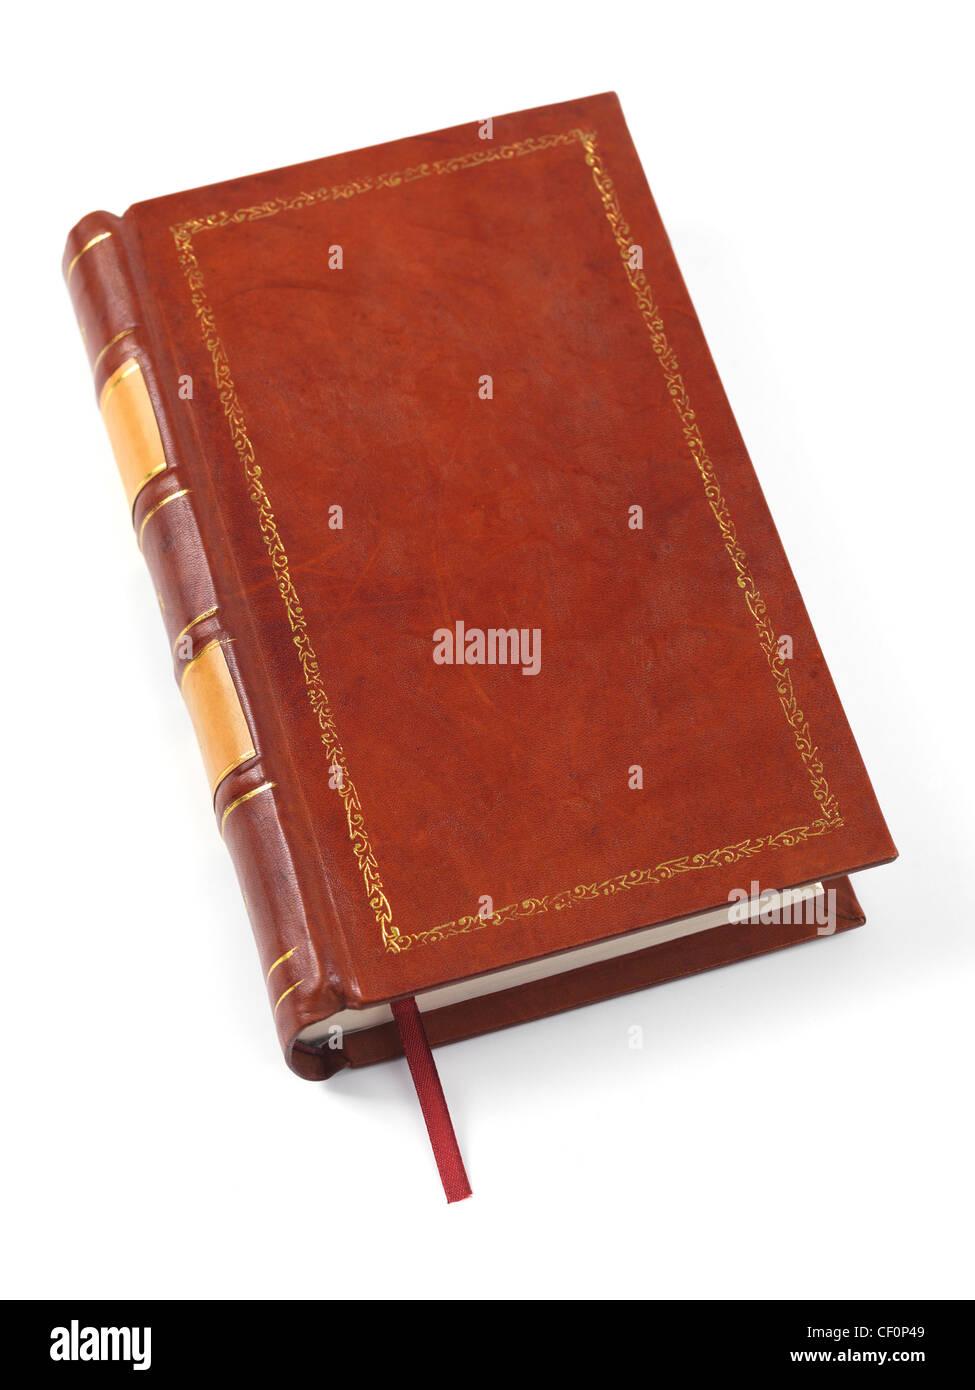 Encuadernado en cuero marrón libro aislado sobre fondo blanco. Imagen De Stock